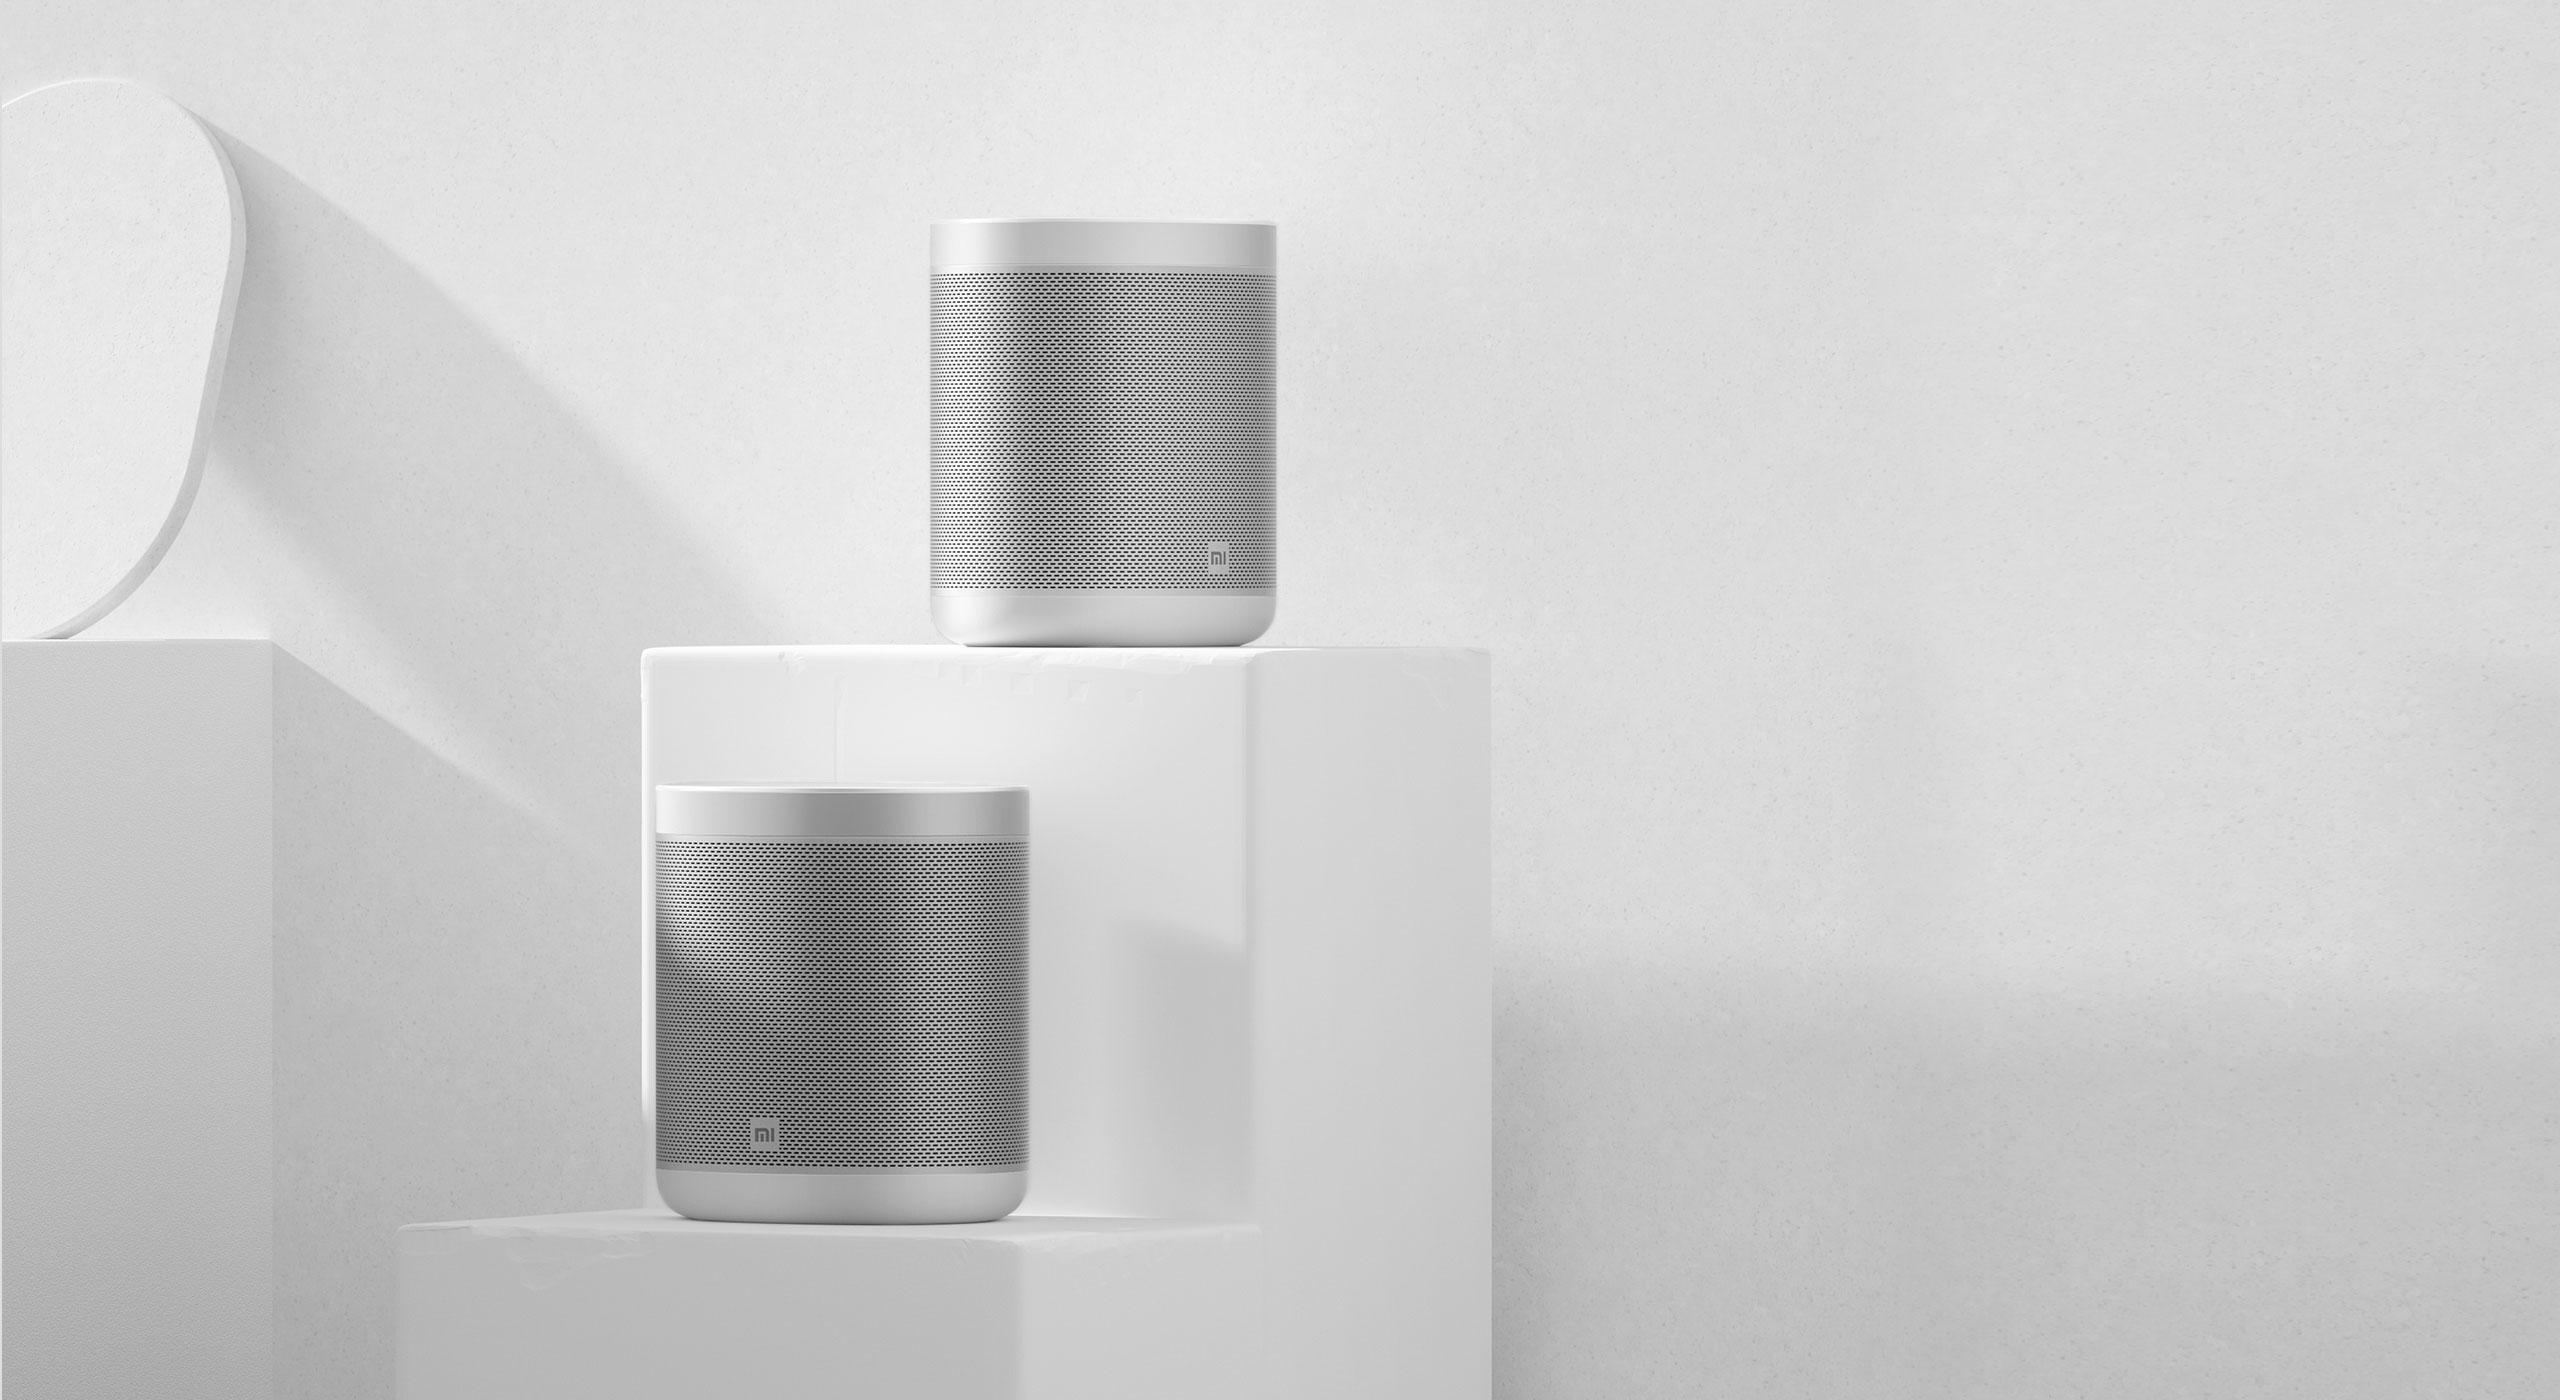 Nuevo Xiaomi Xiaoai Speaker Art, el altavoz inteligente más avanzado y premium de Xiaomi . Noticias Xiaomi Adictos